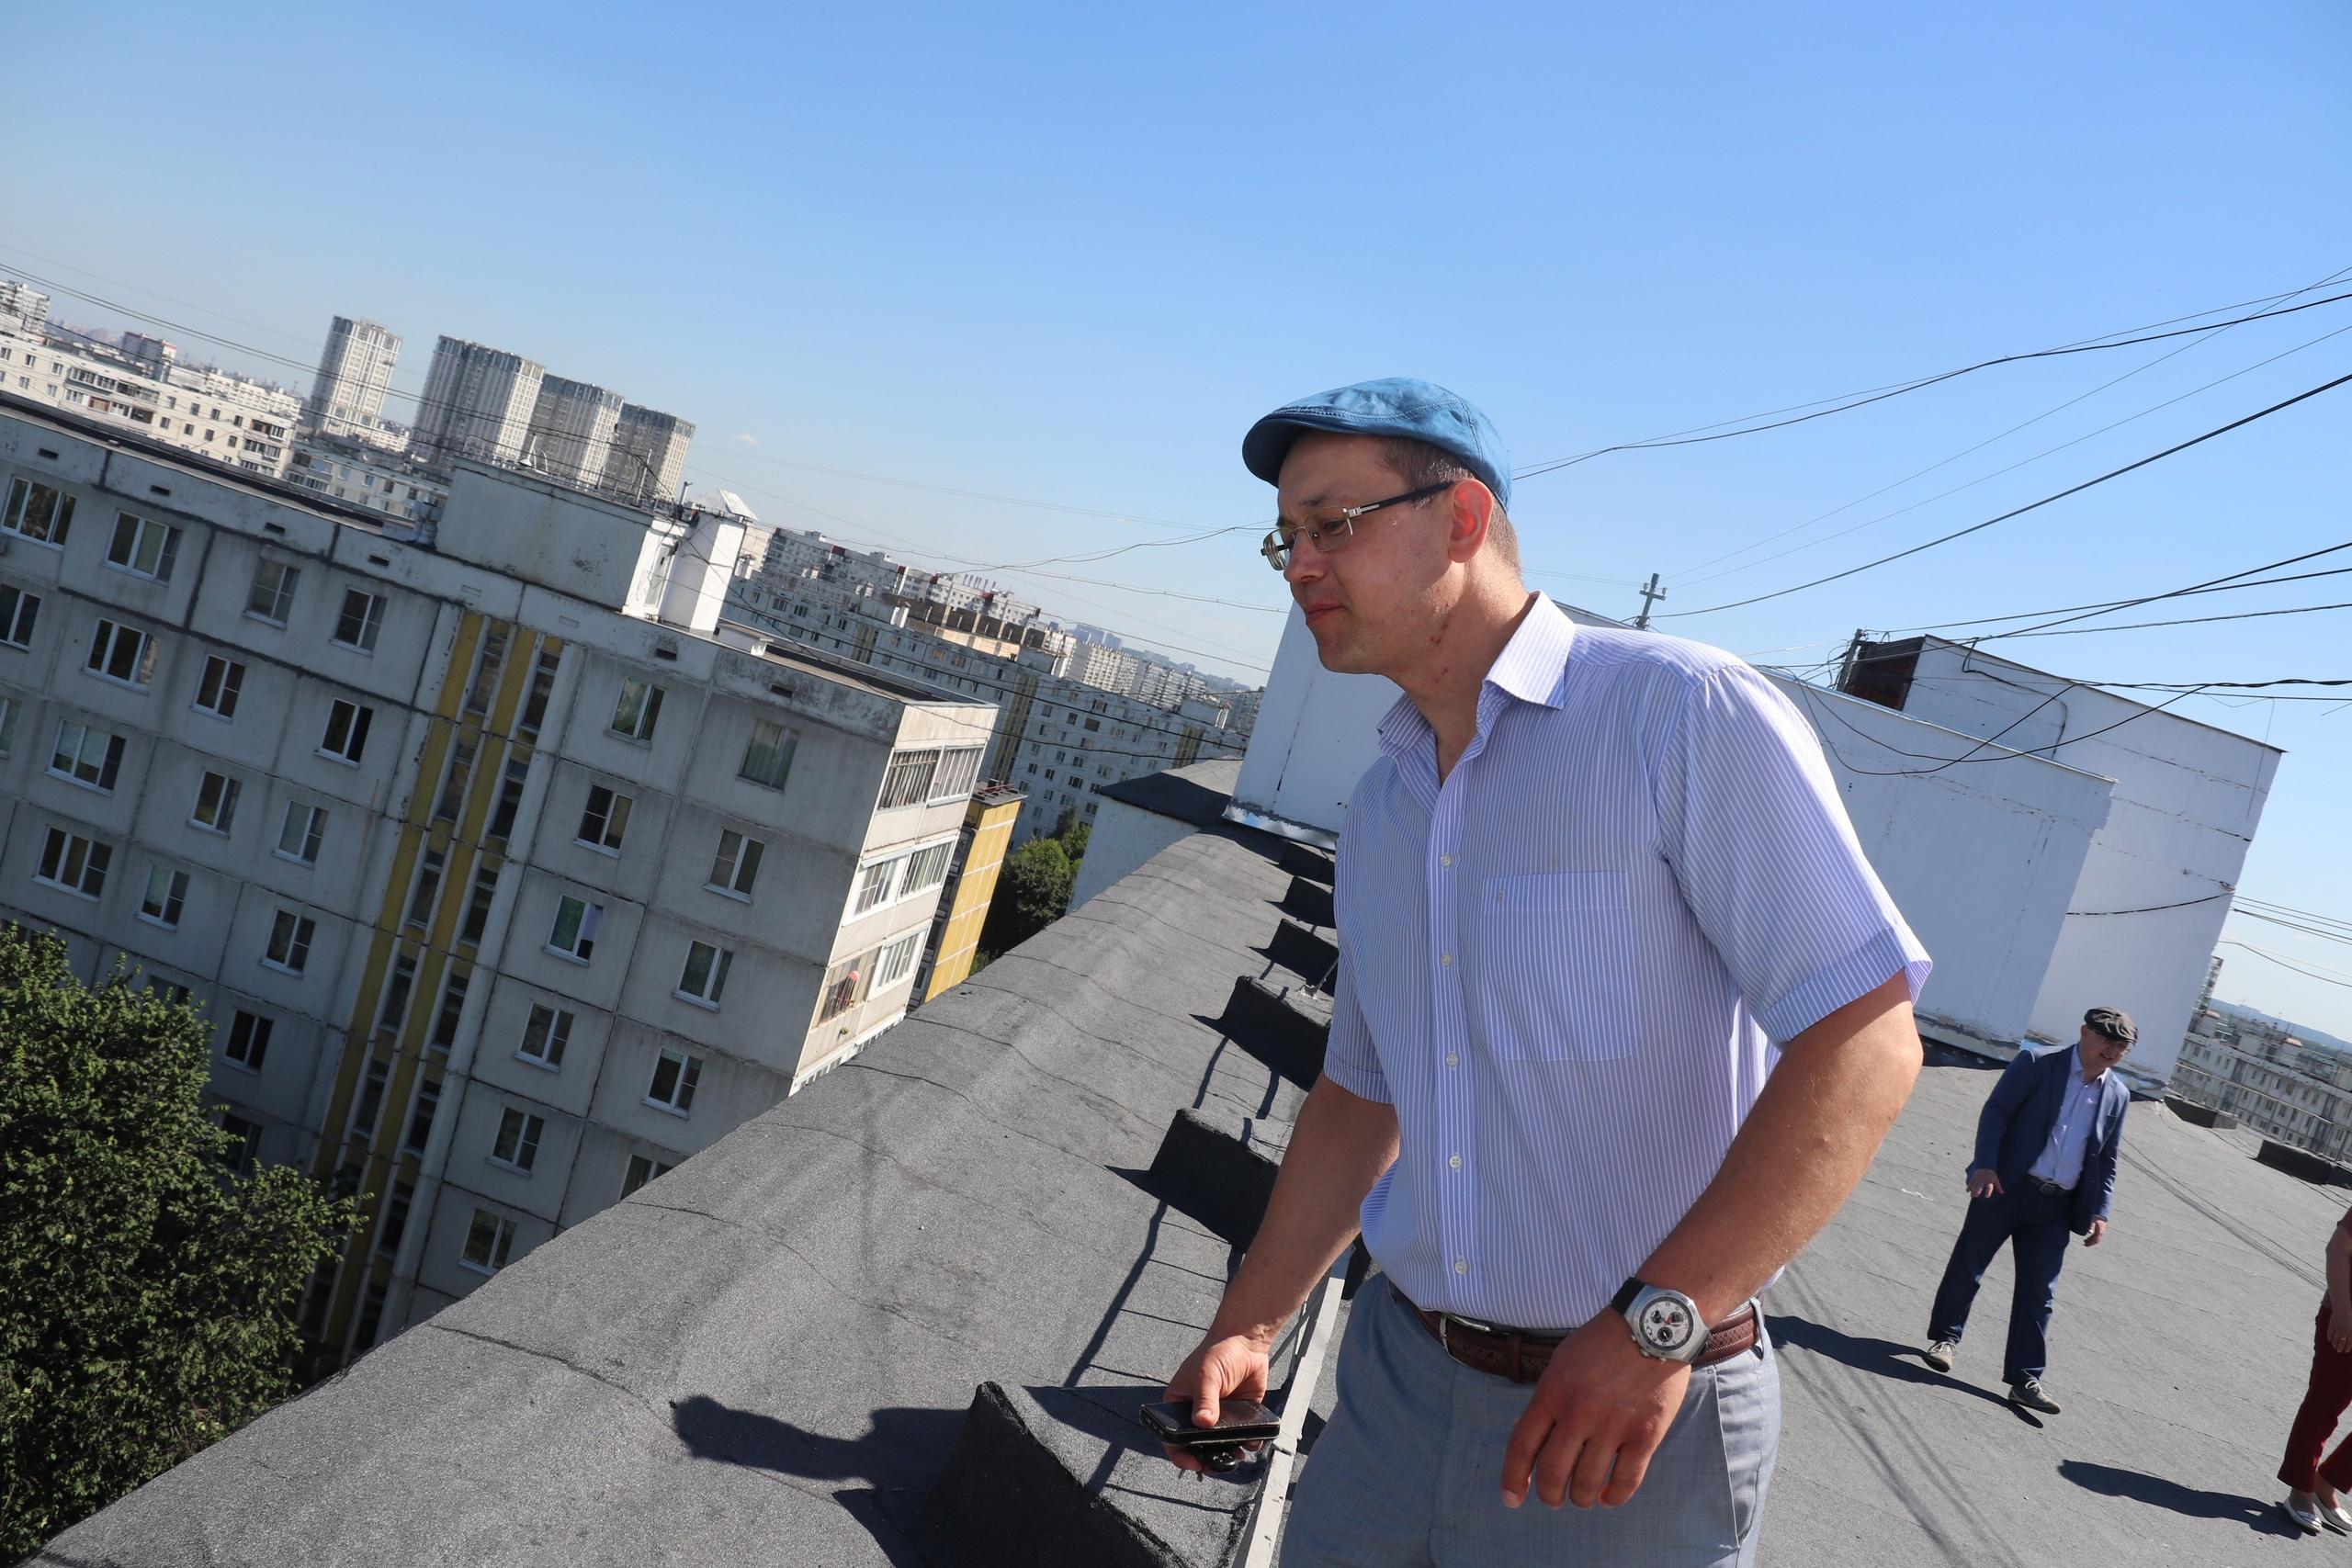 Cвыше 2000 квадратных метров кровли привели в порядок в Орехове-Борисове Южном